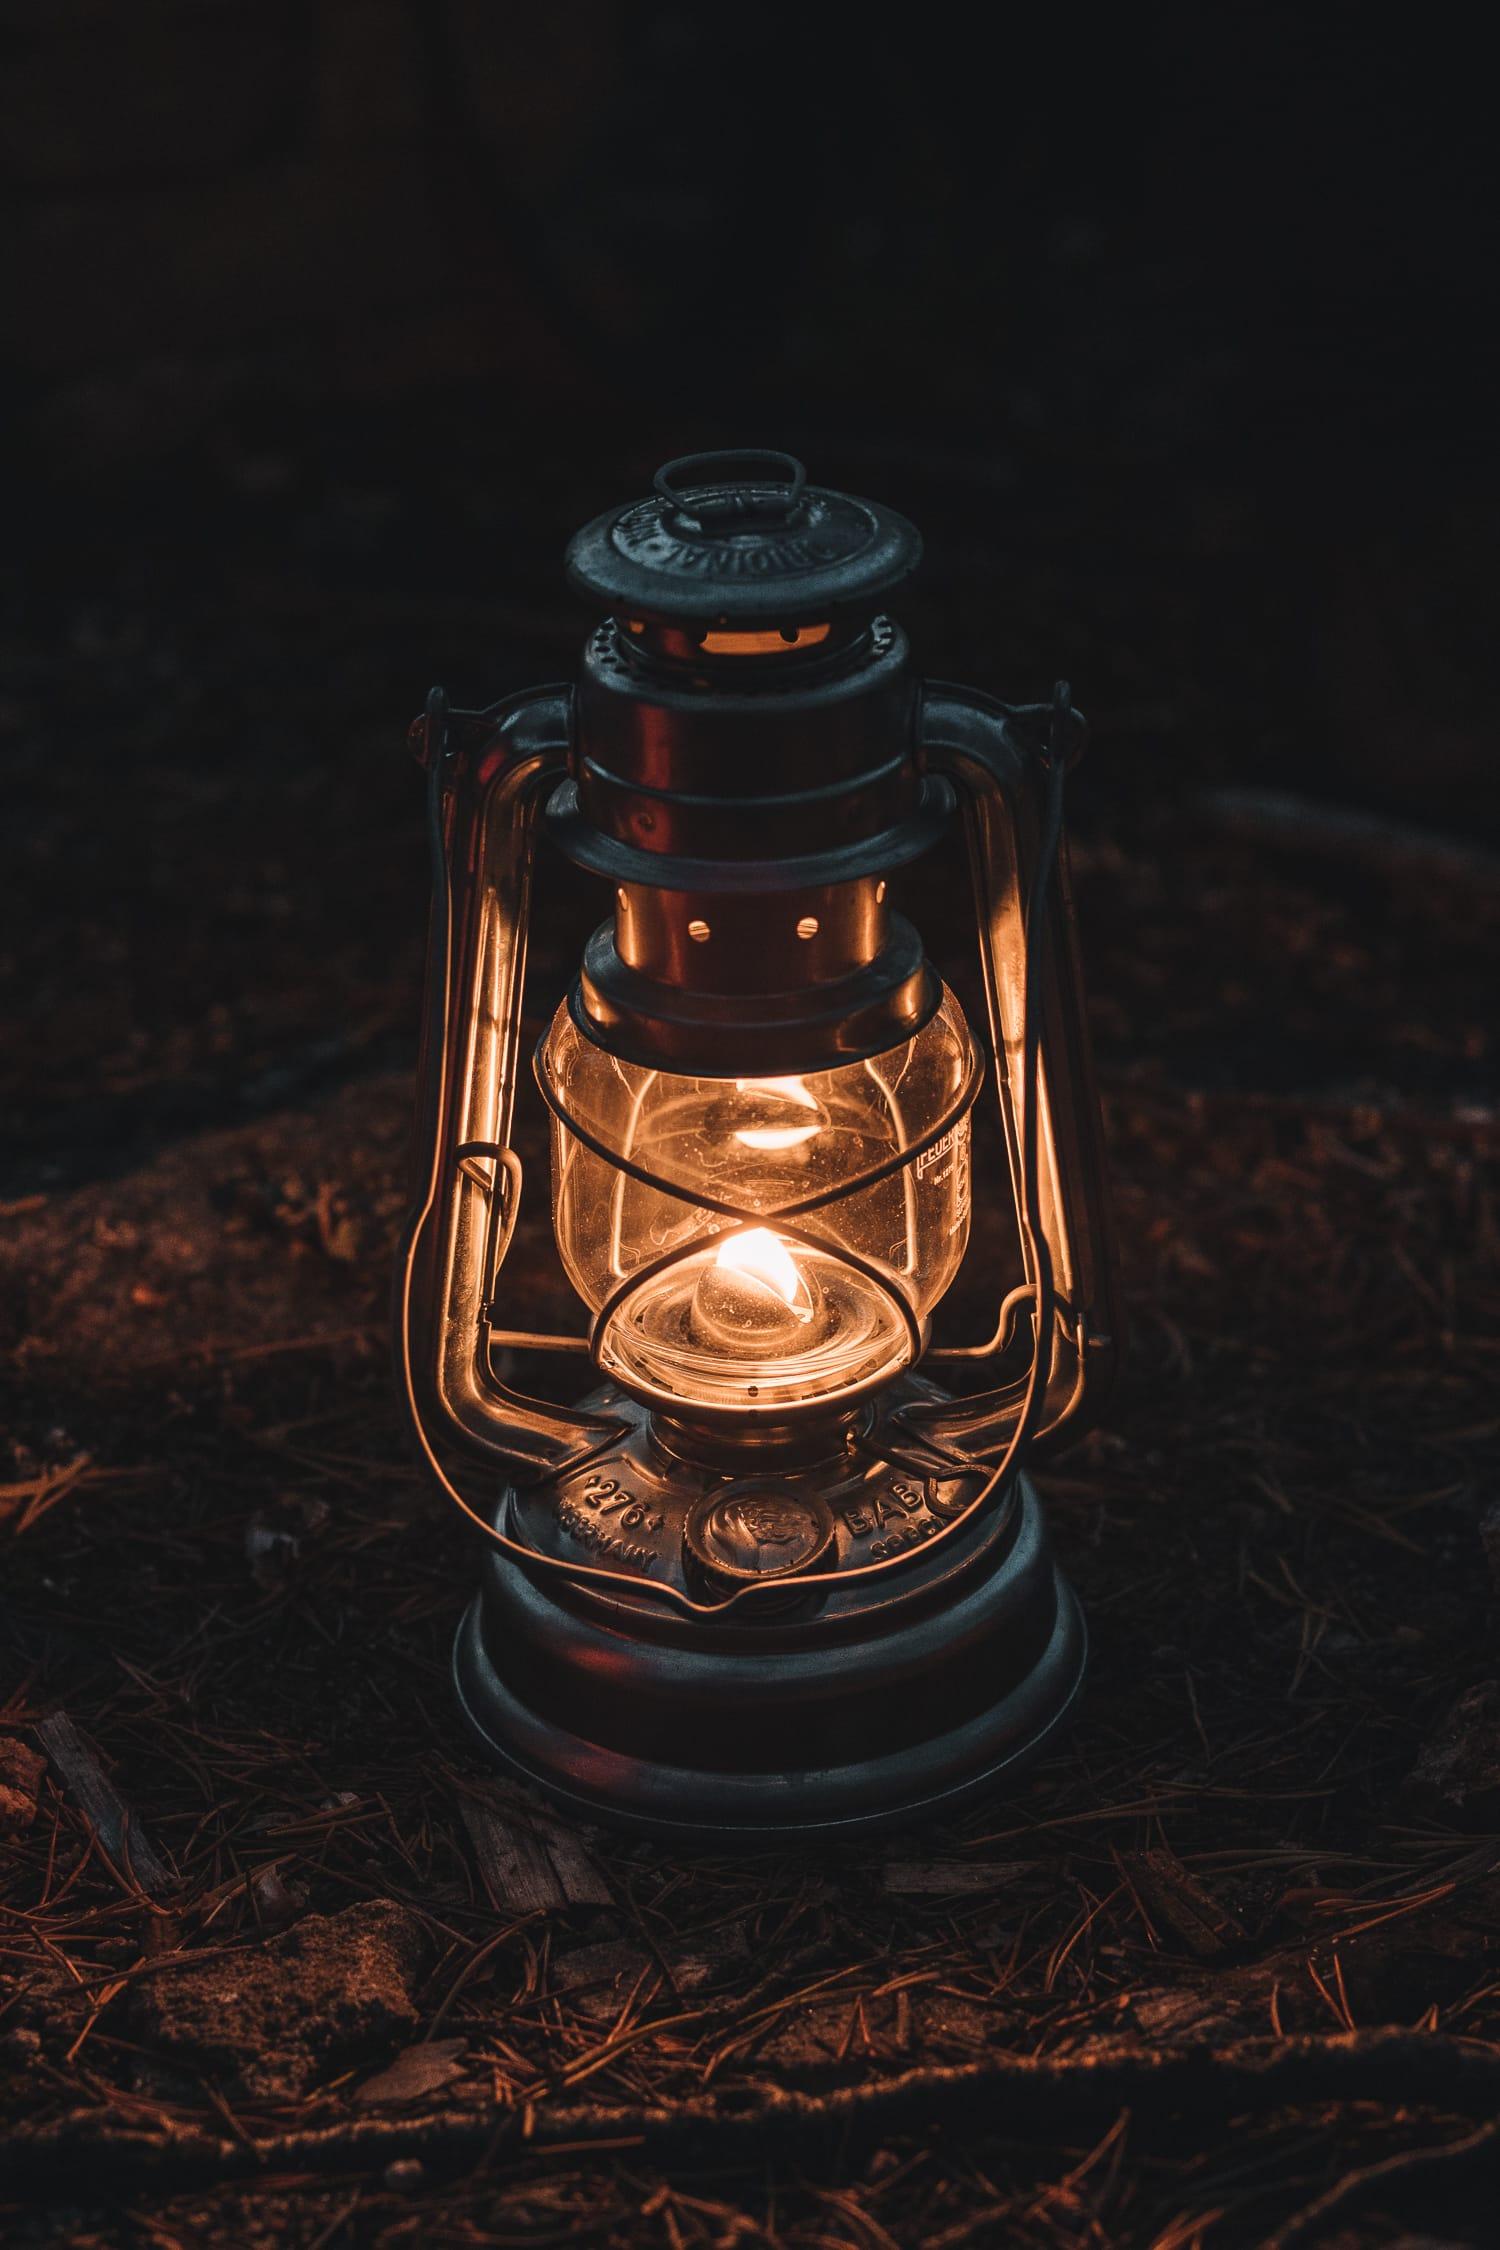 kerosine lantern